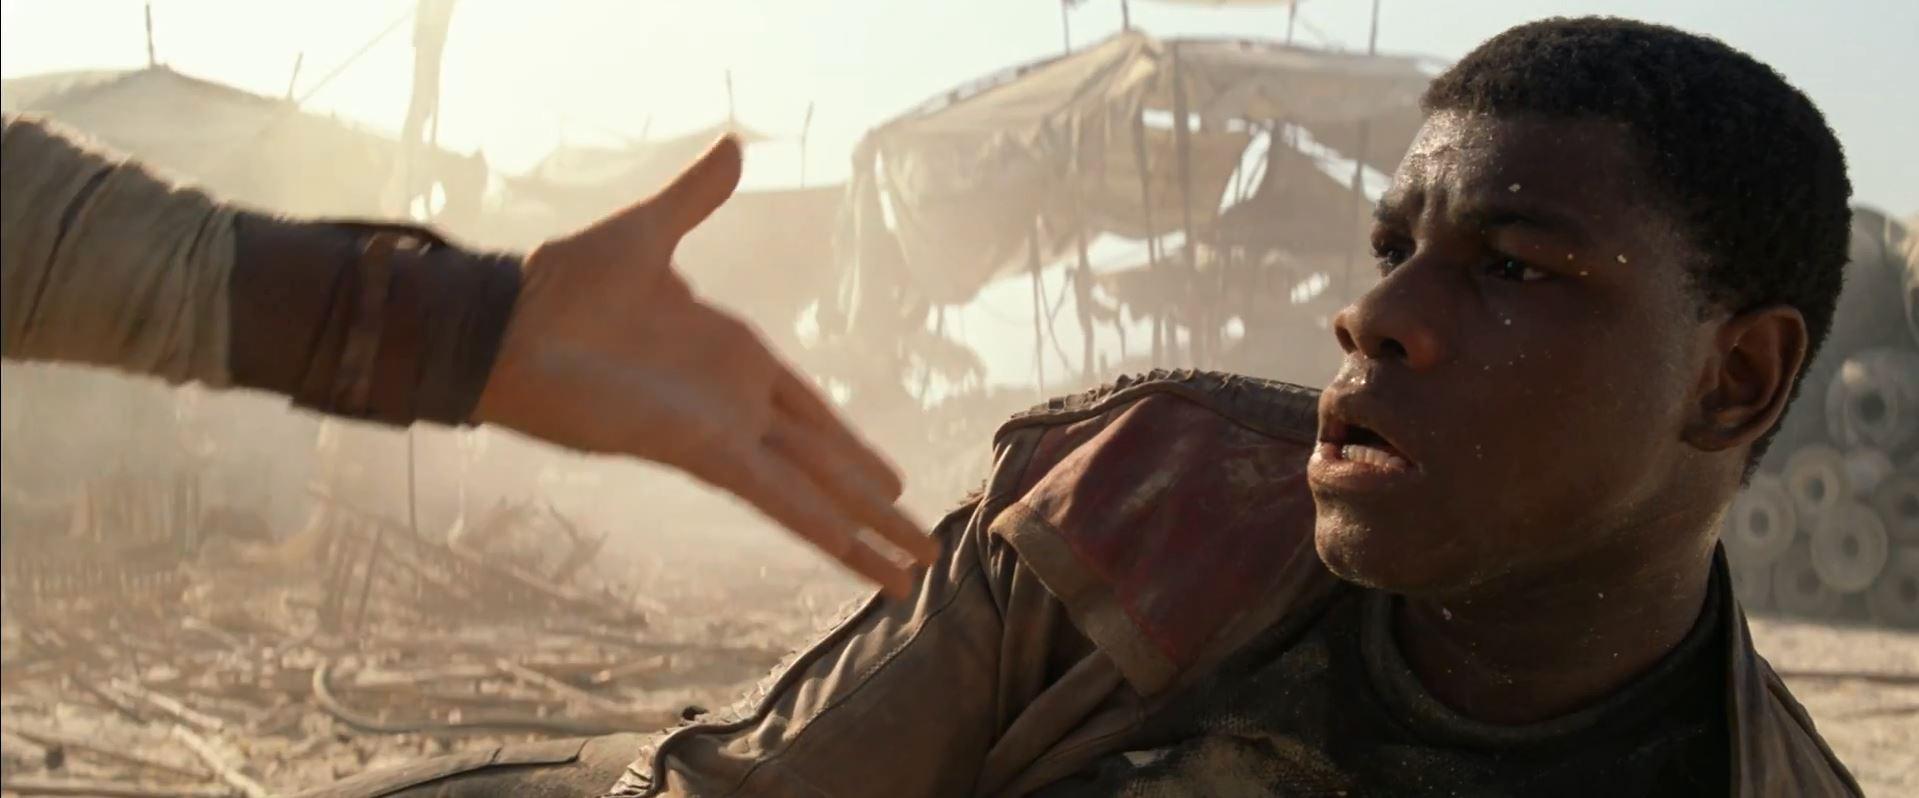 John Boyega as Finn getting a hand. New Star Wars The Force Awakens Trailer Released!